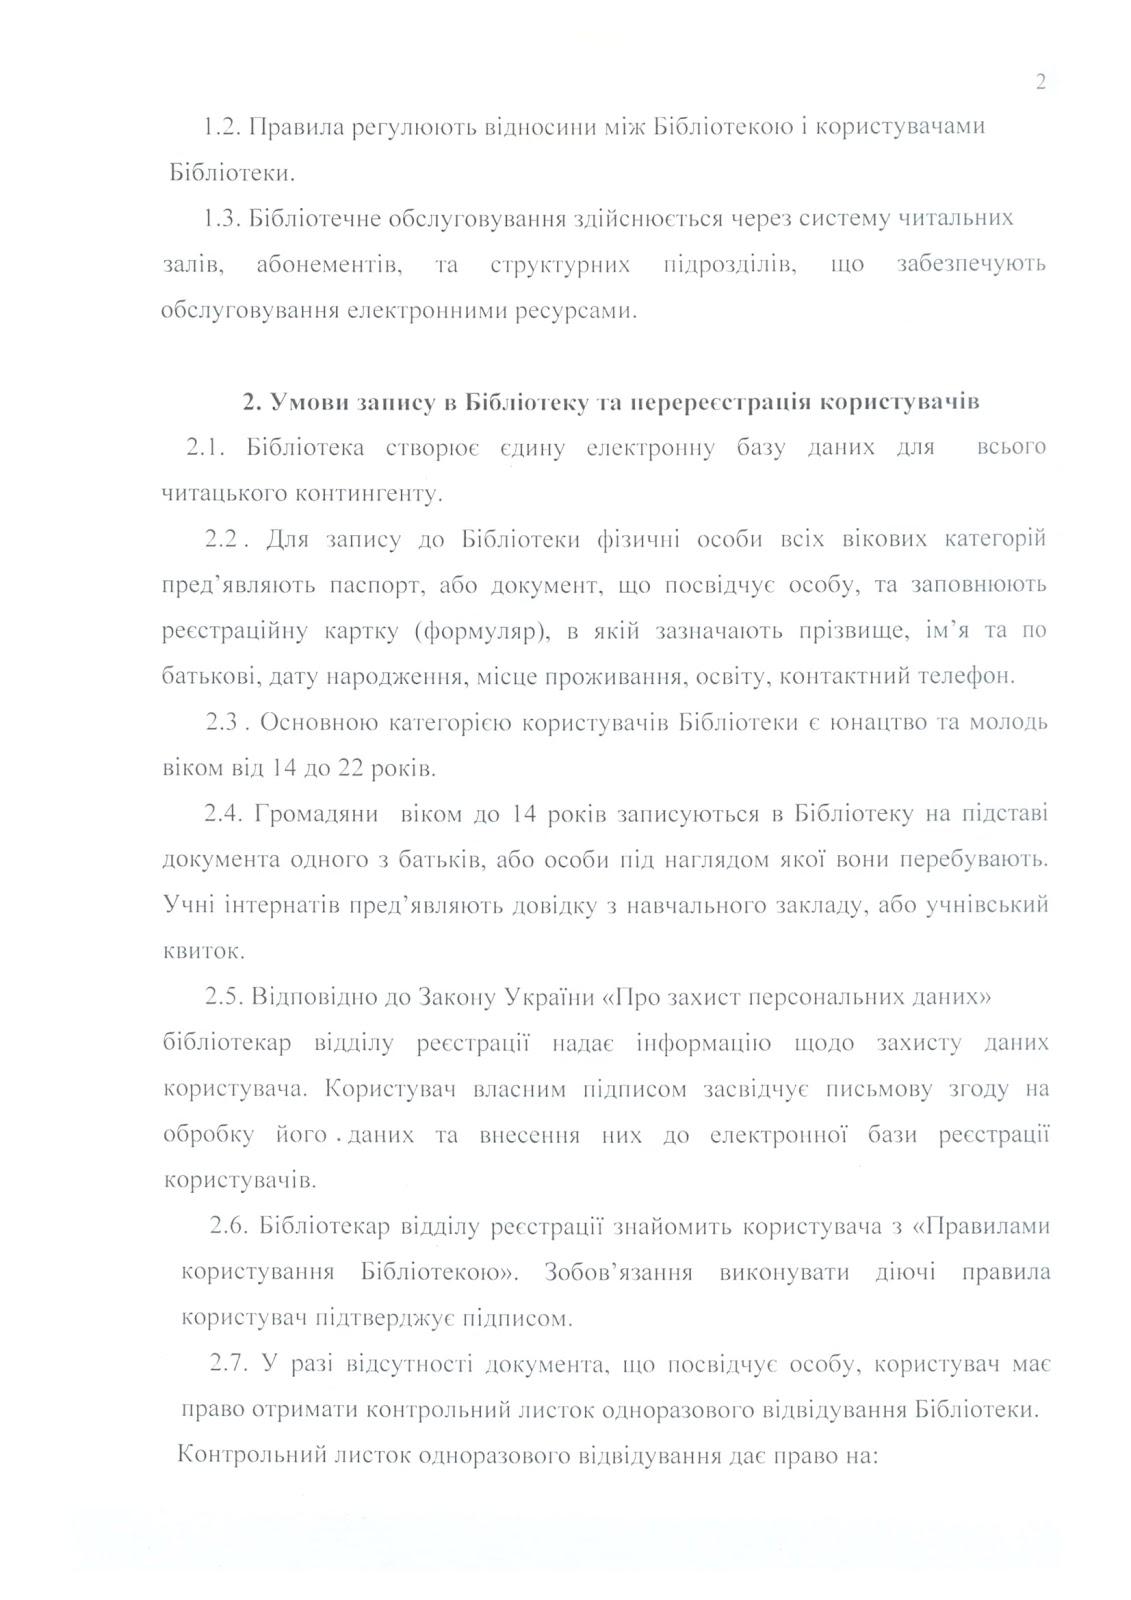 Правила користування ДБУ для юнацтва-2.jpg